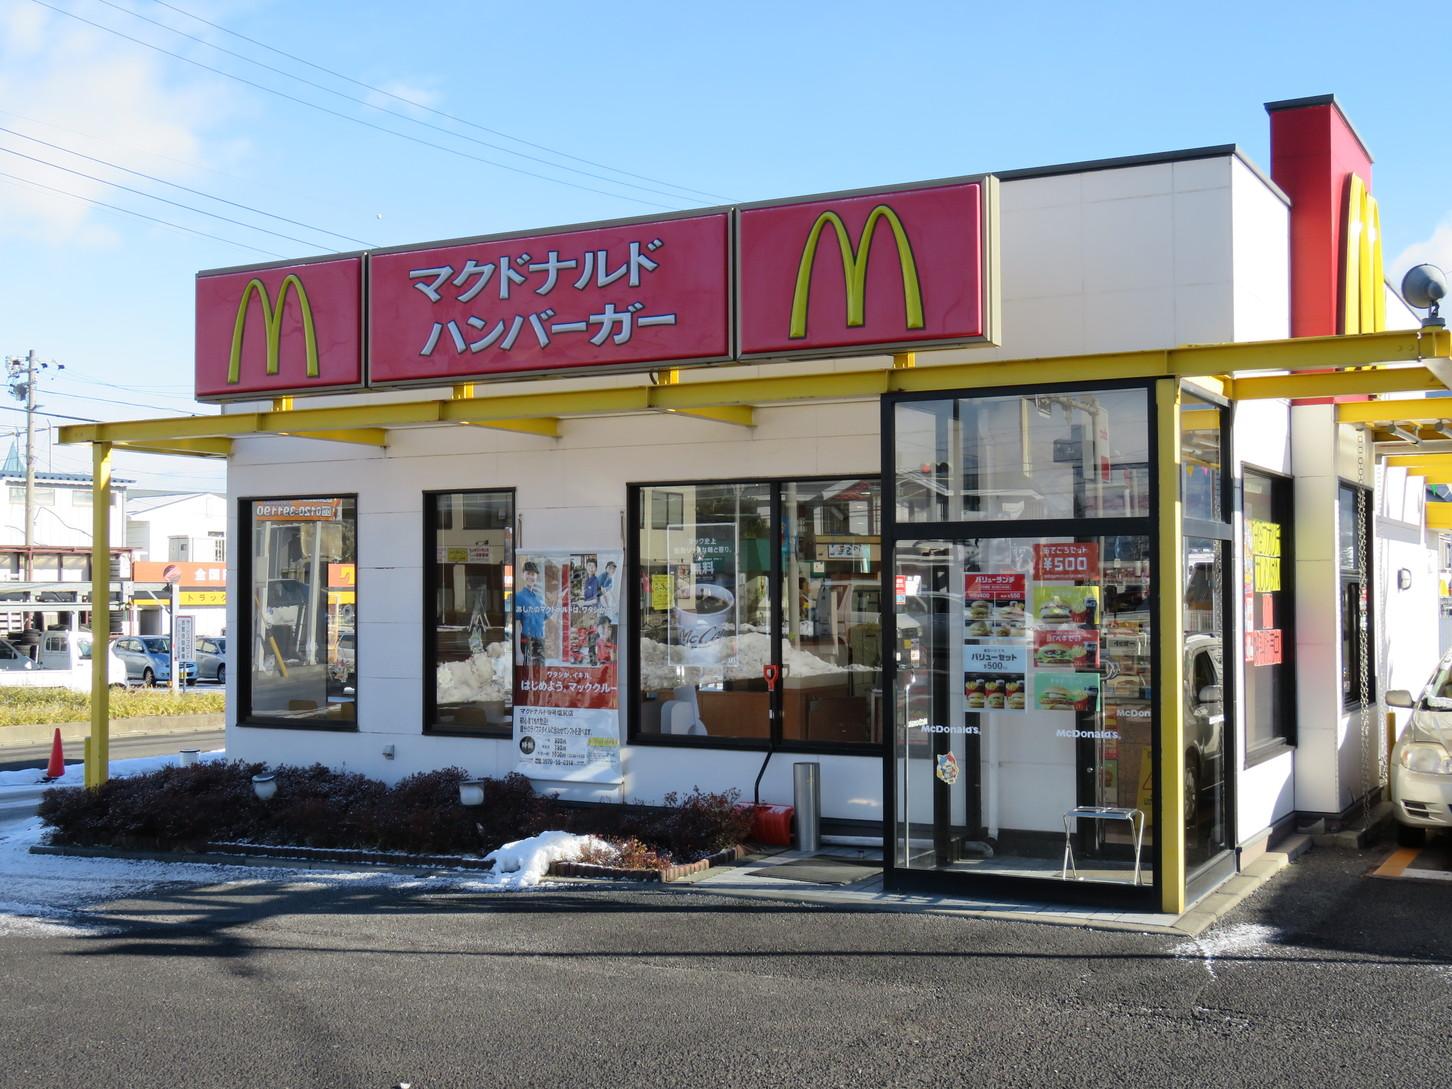 マクドナルド19号塩尻店